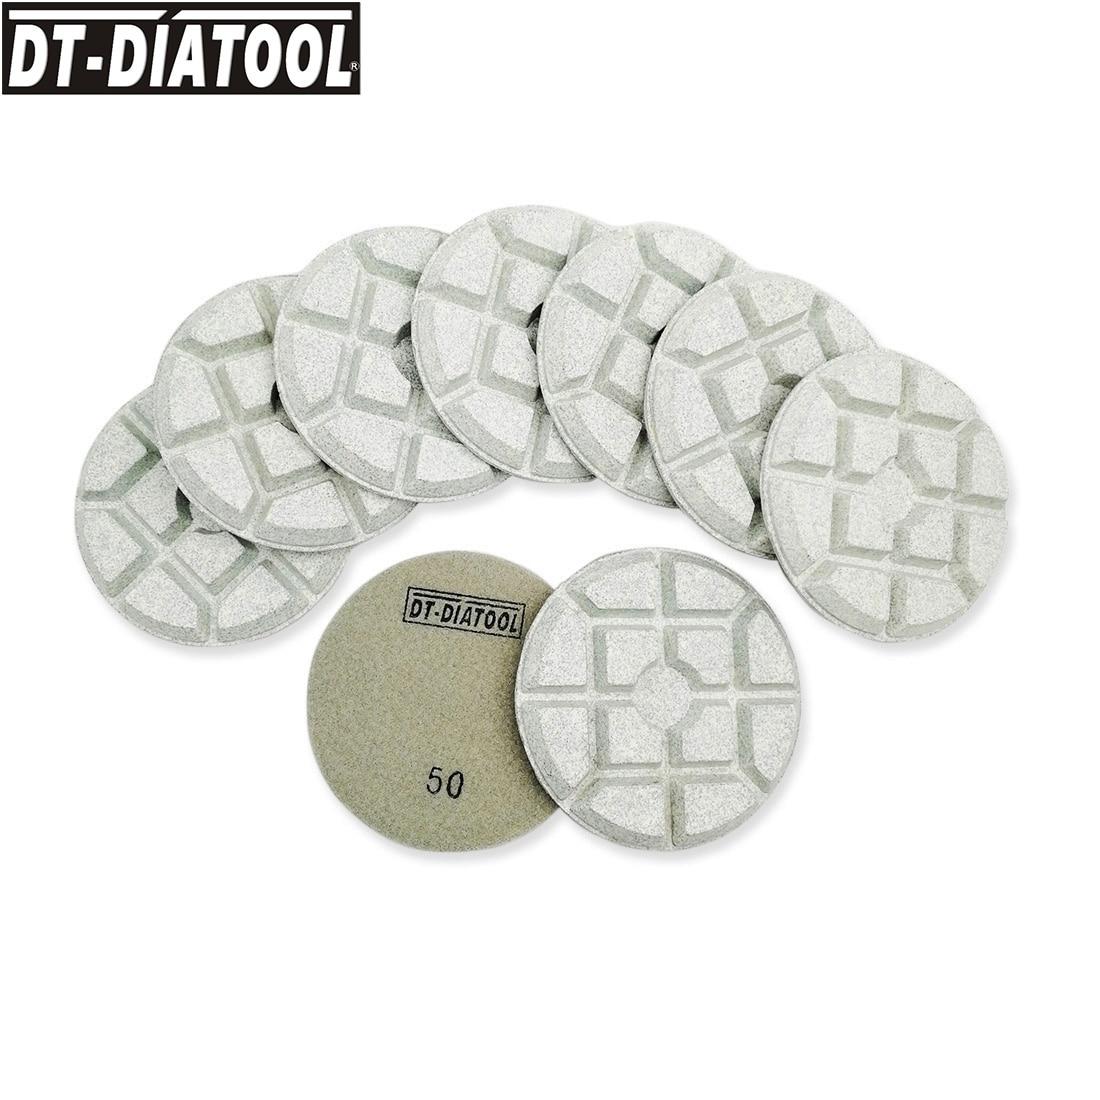 DT-DIATOOL 9 قطعة/المجموعة الماس الراتنج السندات الخرسانة تلميع منصات الرملي أقراص للخرسانة تشققت الطابق ضياء 100 مللي متر/4